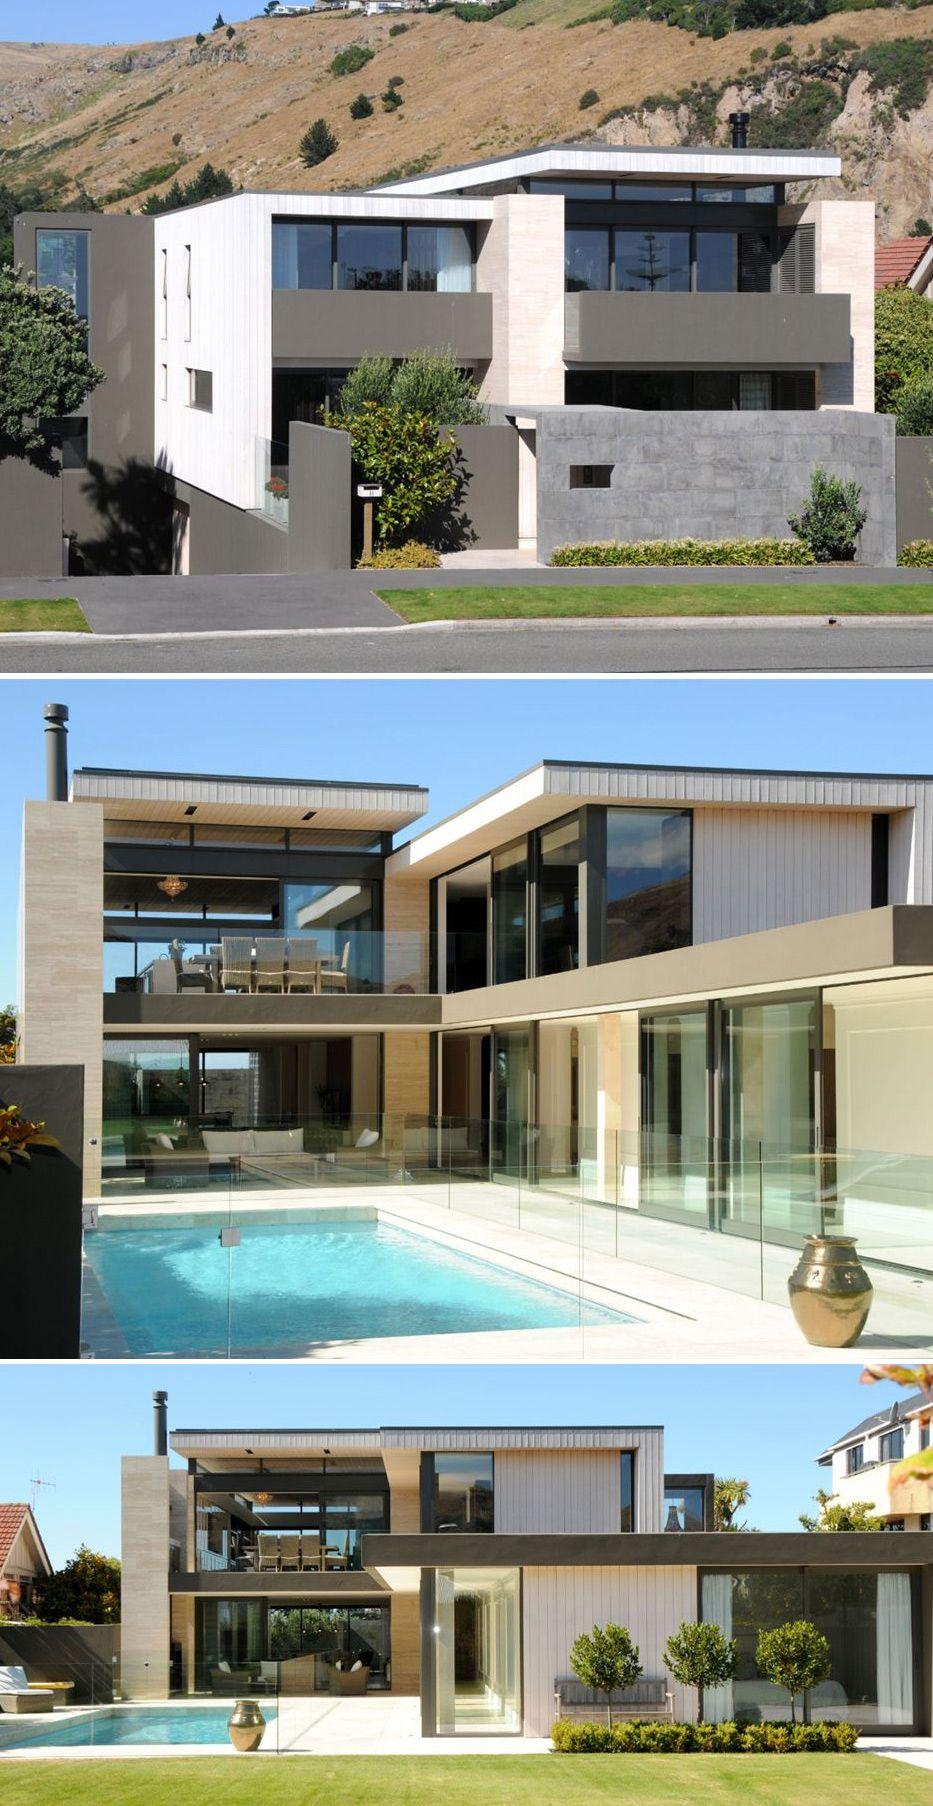 Moderne häuser poolhäuser home pläne moderne häuser moderne architektur ihr schönes zuhause haus design schwarzen fenstern fassade